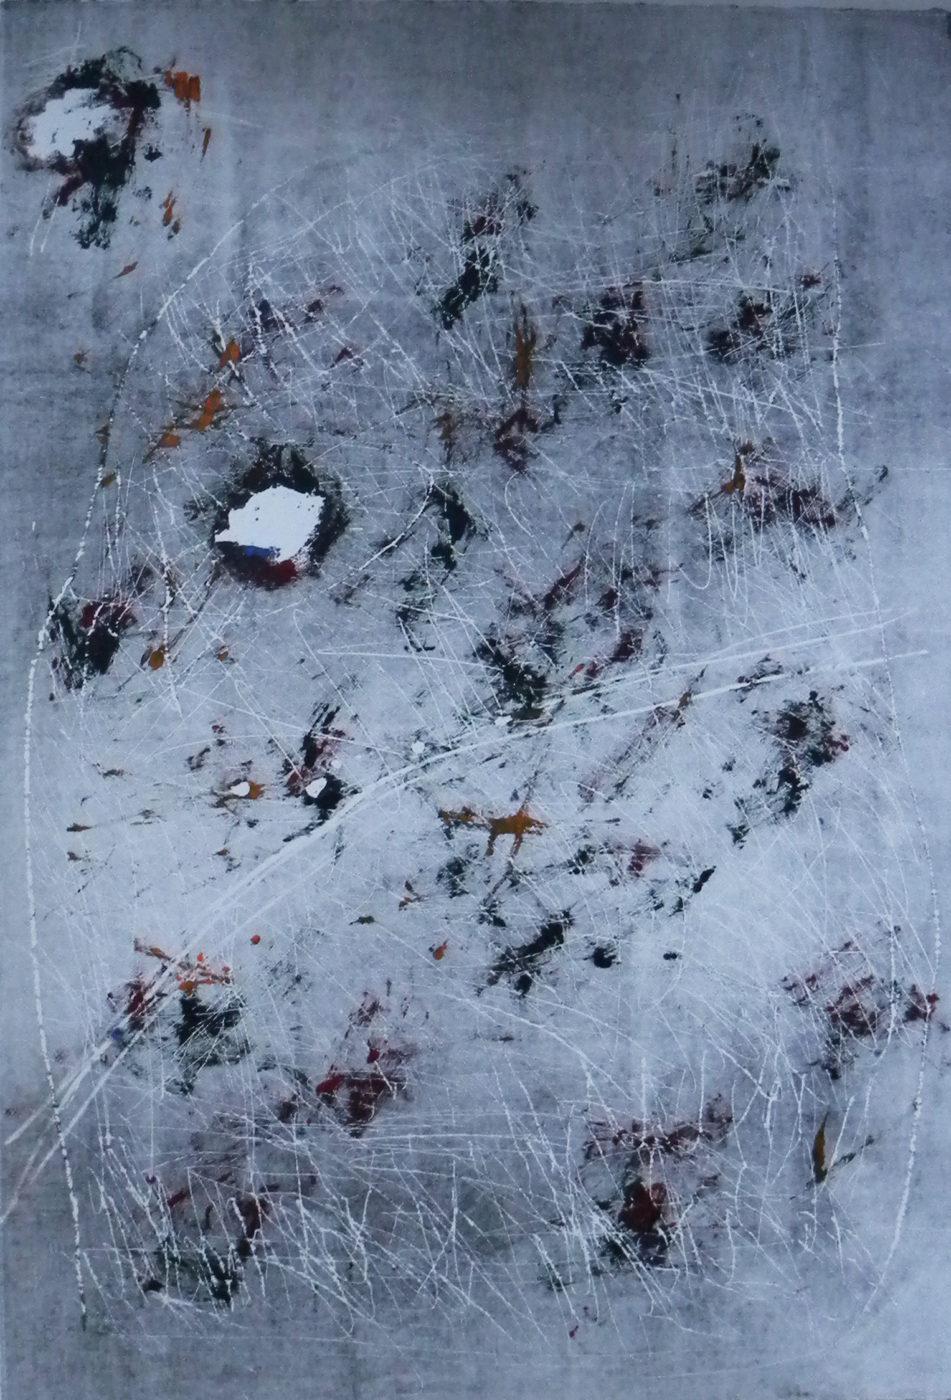 MARC FELD 2012 SONG FOR STEVE LACY 18 Gravure sur bois encre sur papier 63 x 90 cm (Tirage Patrick Vernet)